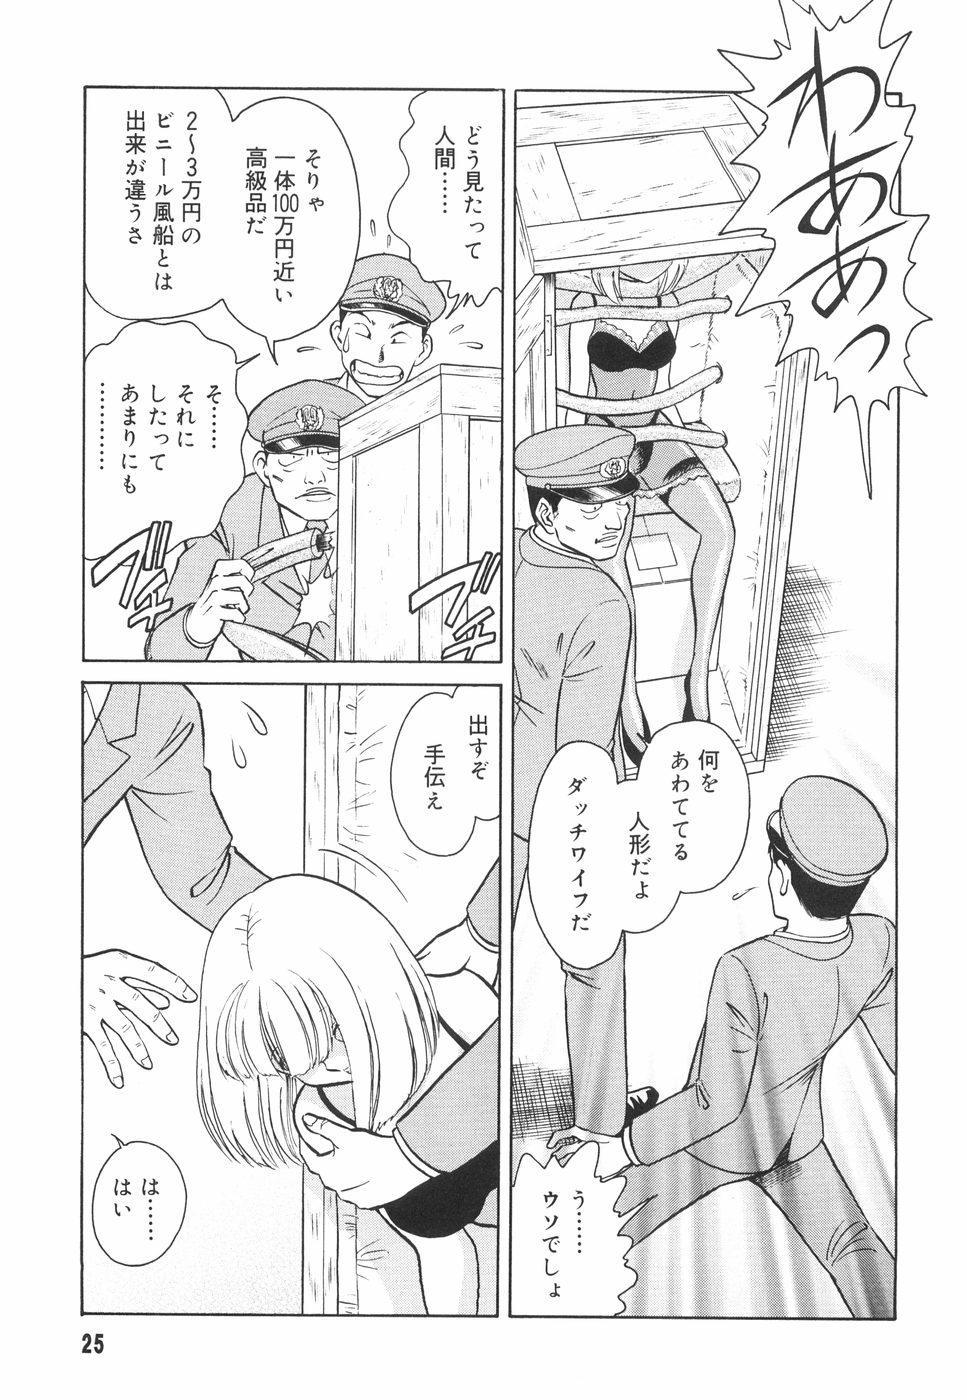 Hazukashime no Jikan 25